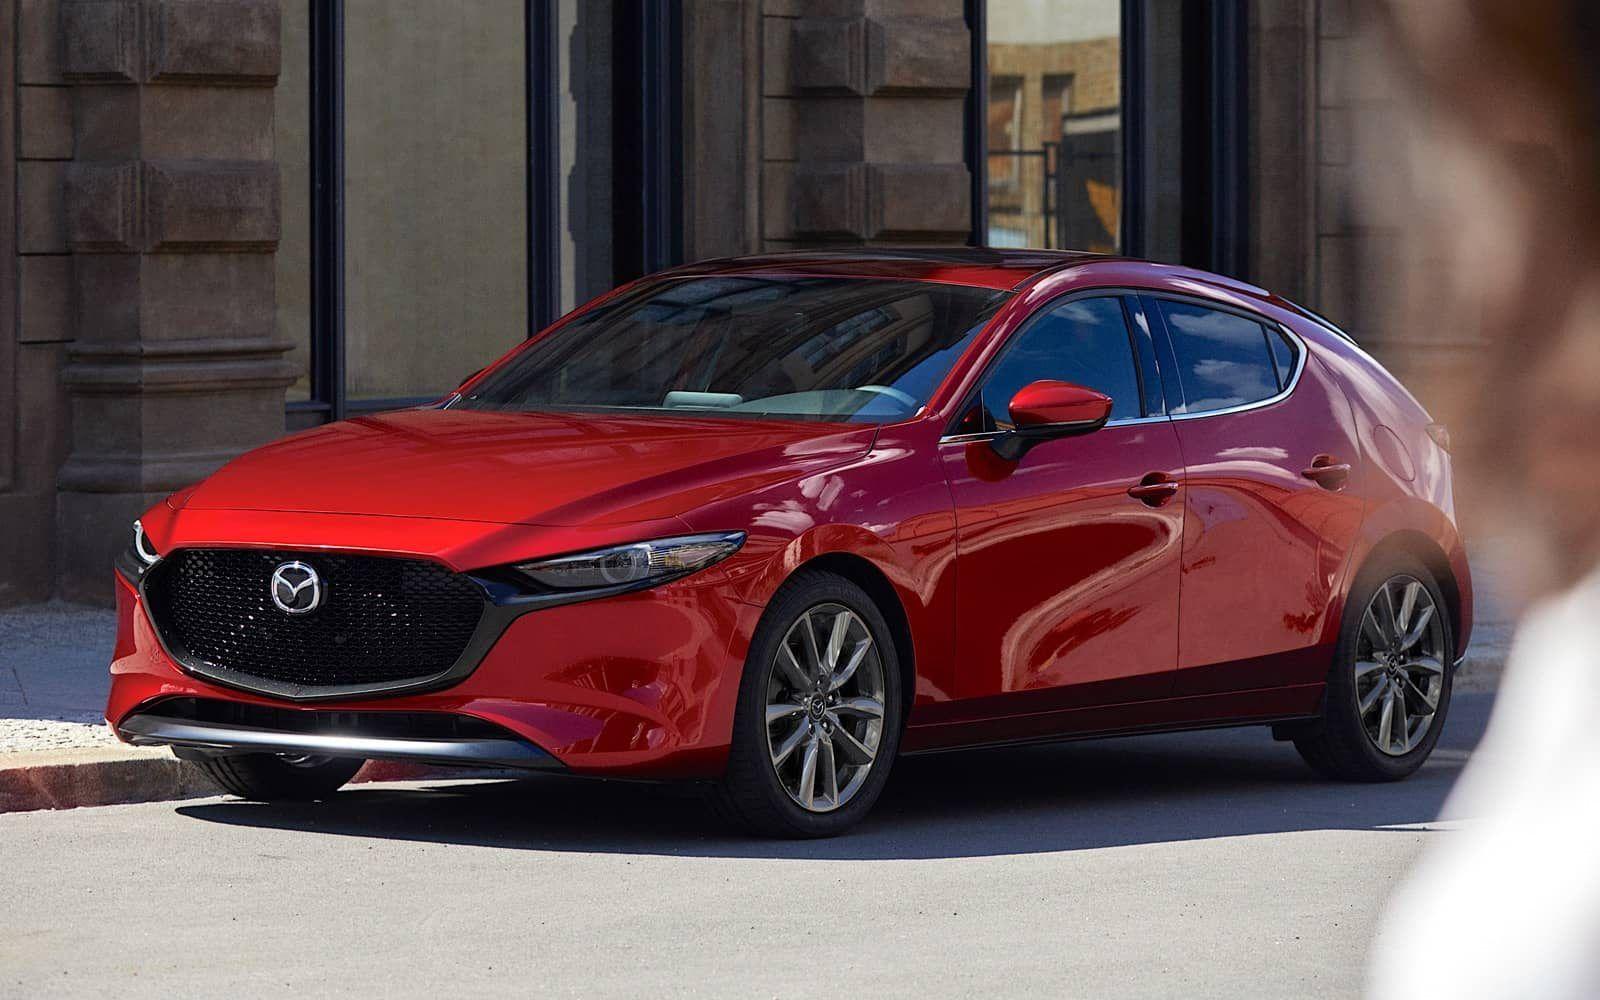 El Nuevo Mazda3 2019 Ya Esta Aqui Mazda 3 Hatchback Fotos De Coches Mazda